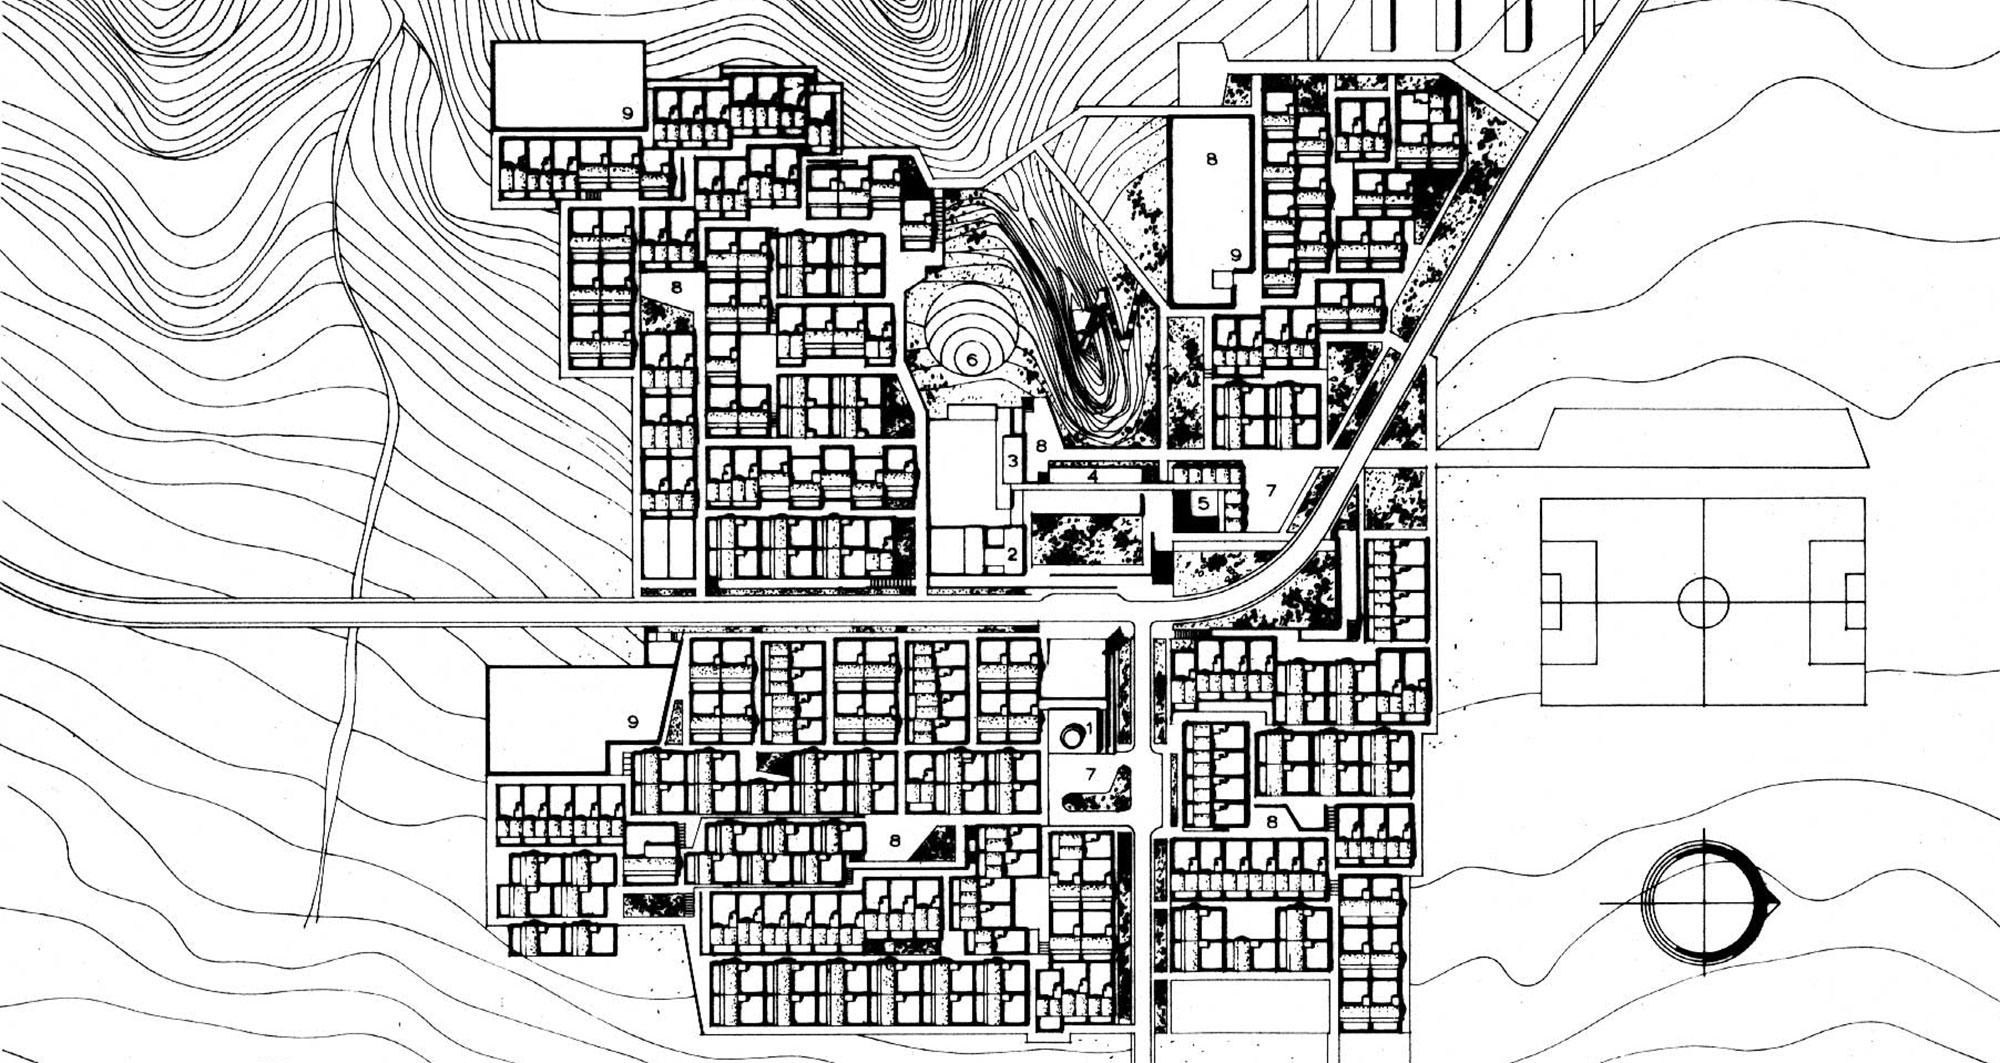 Οργανωμένη δόμηση στην Ελλάδα,  η πορεία τριών οικισμών μέσα στον χρόνο